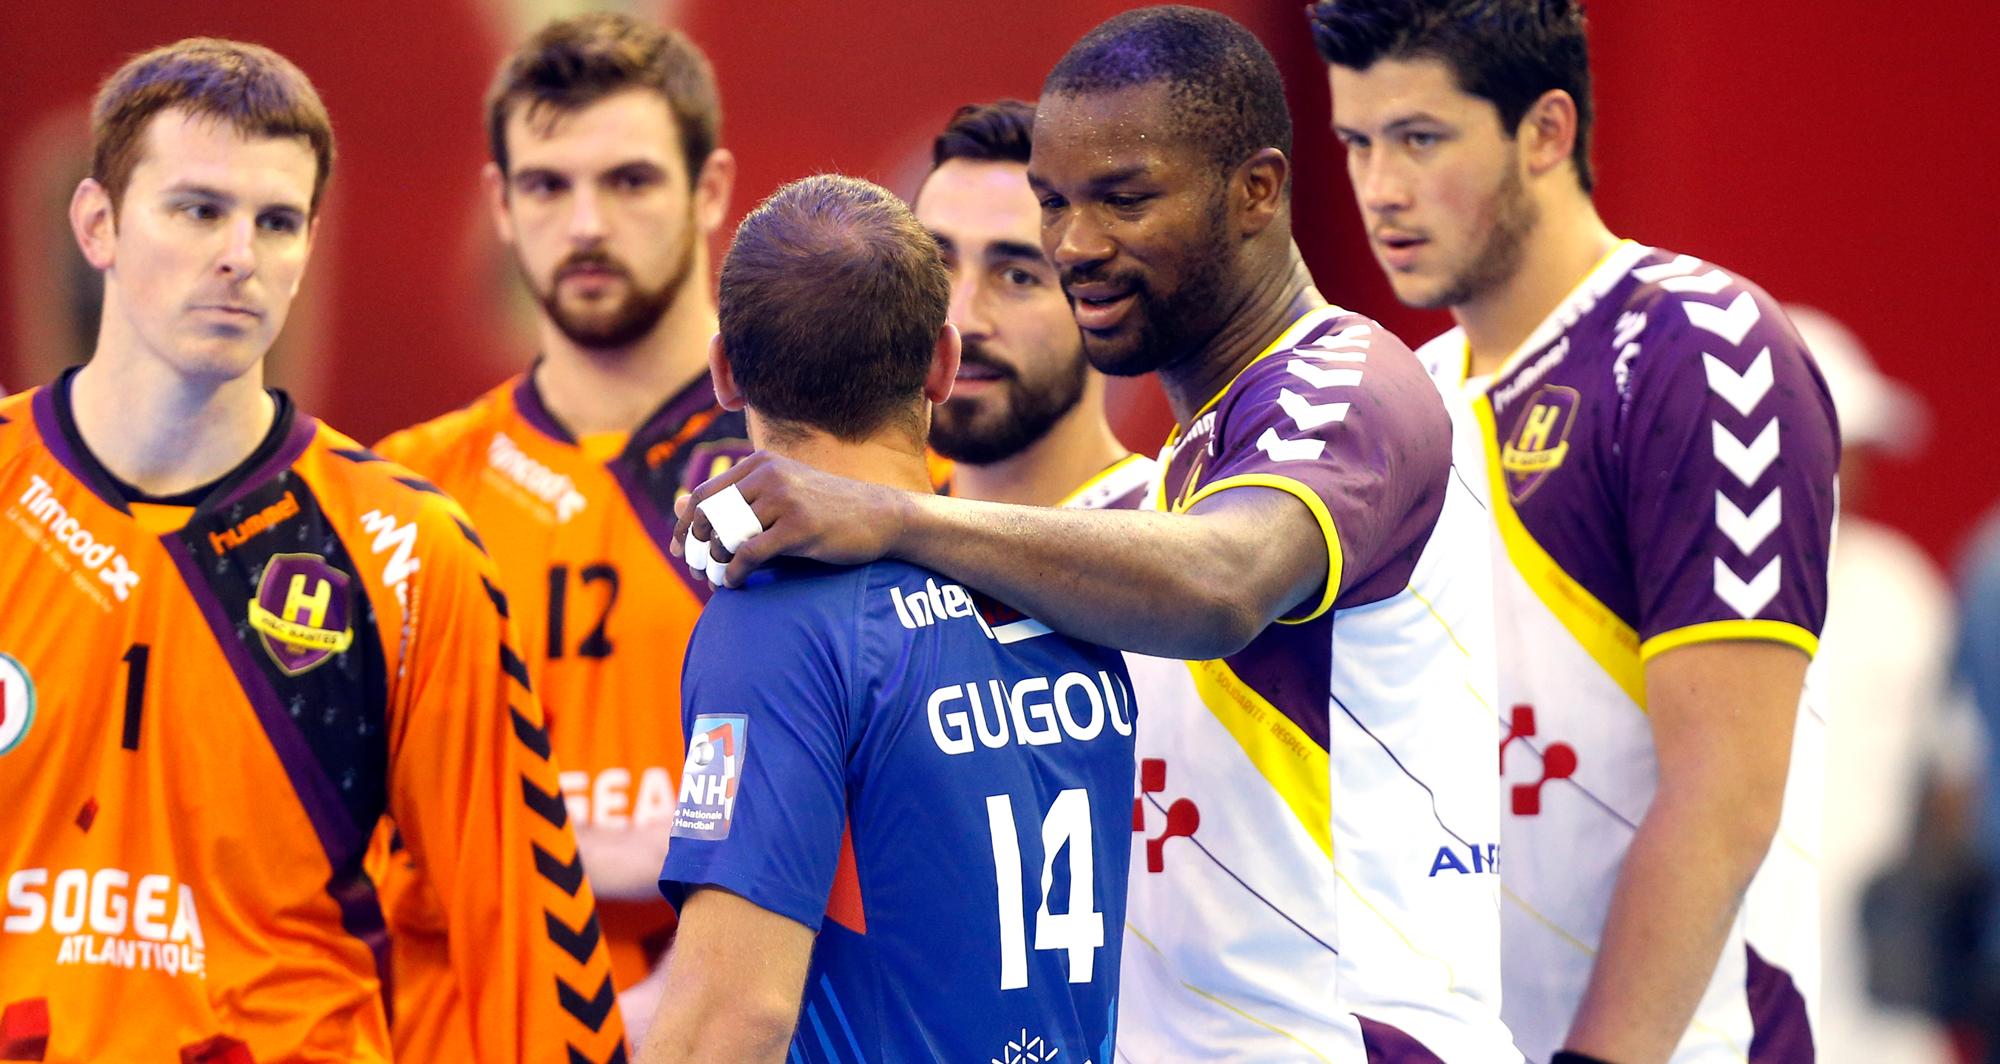 Rock Feliho et Michaël Guigou, meilleurs amis dans la vie et adversaires sur le terrain, comme ici lors de la saison 2014-2015